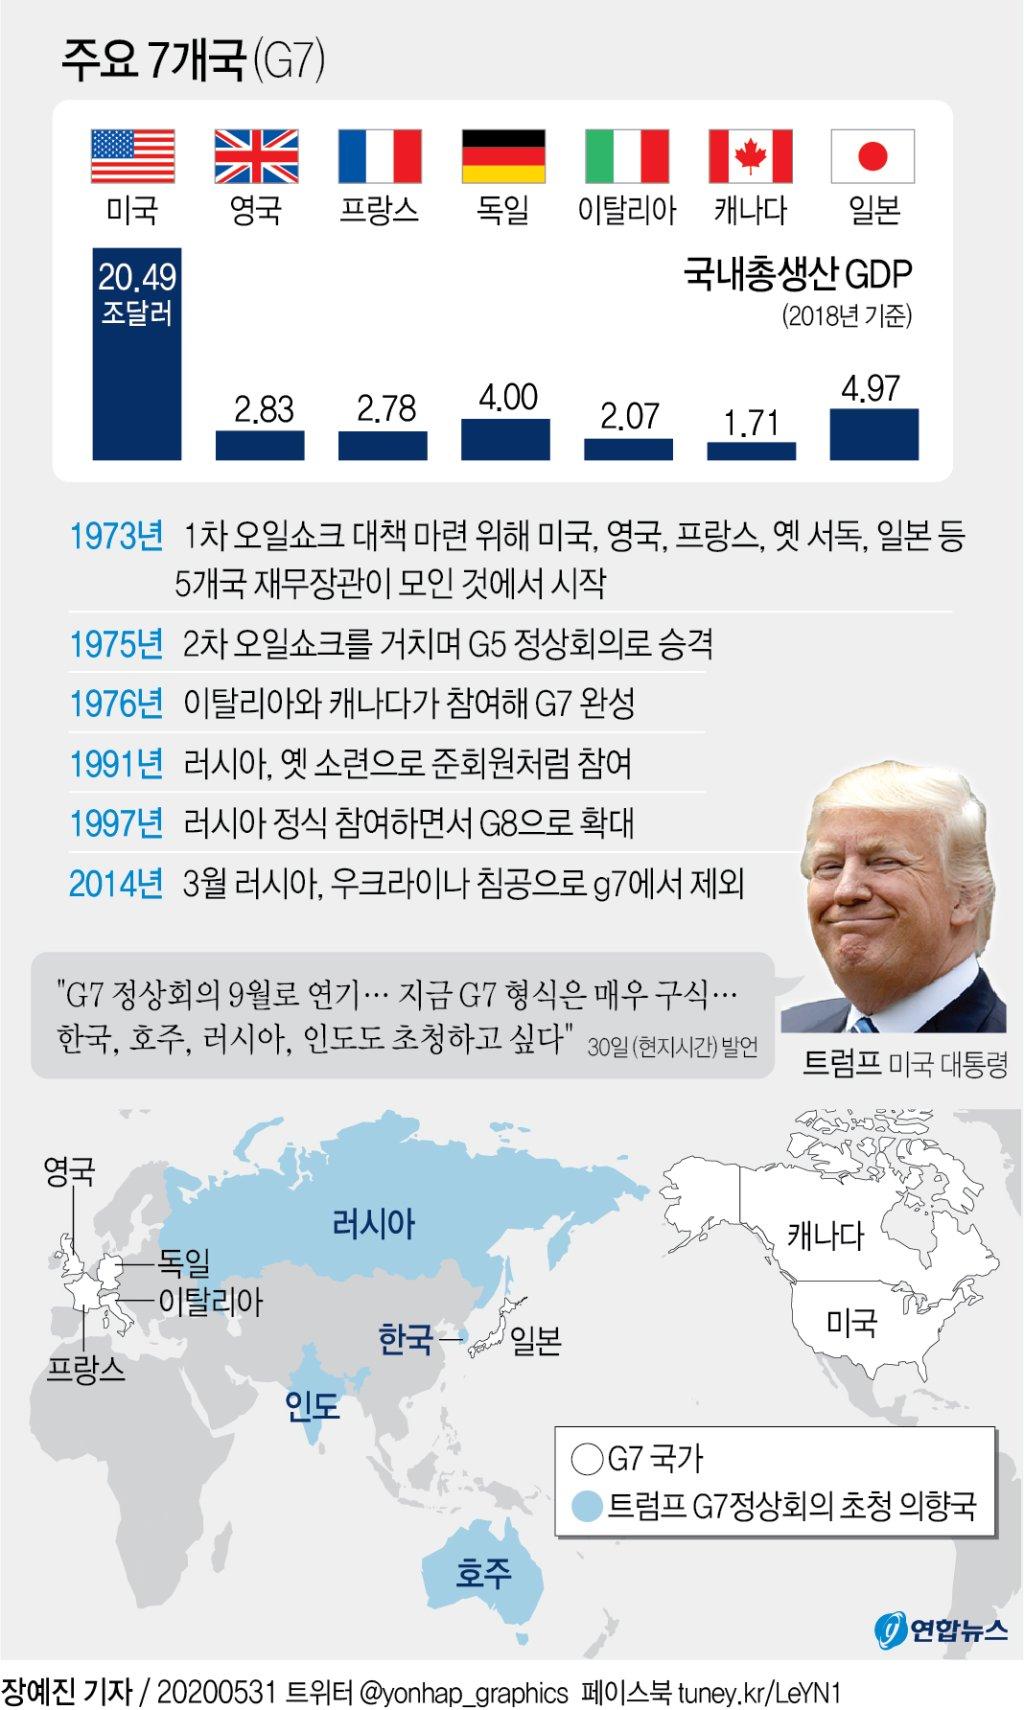 트럼프, G7+4 정상회담 제안…한국 포함한 G11 탄생할까 - 5